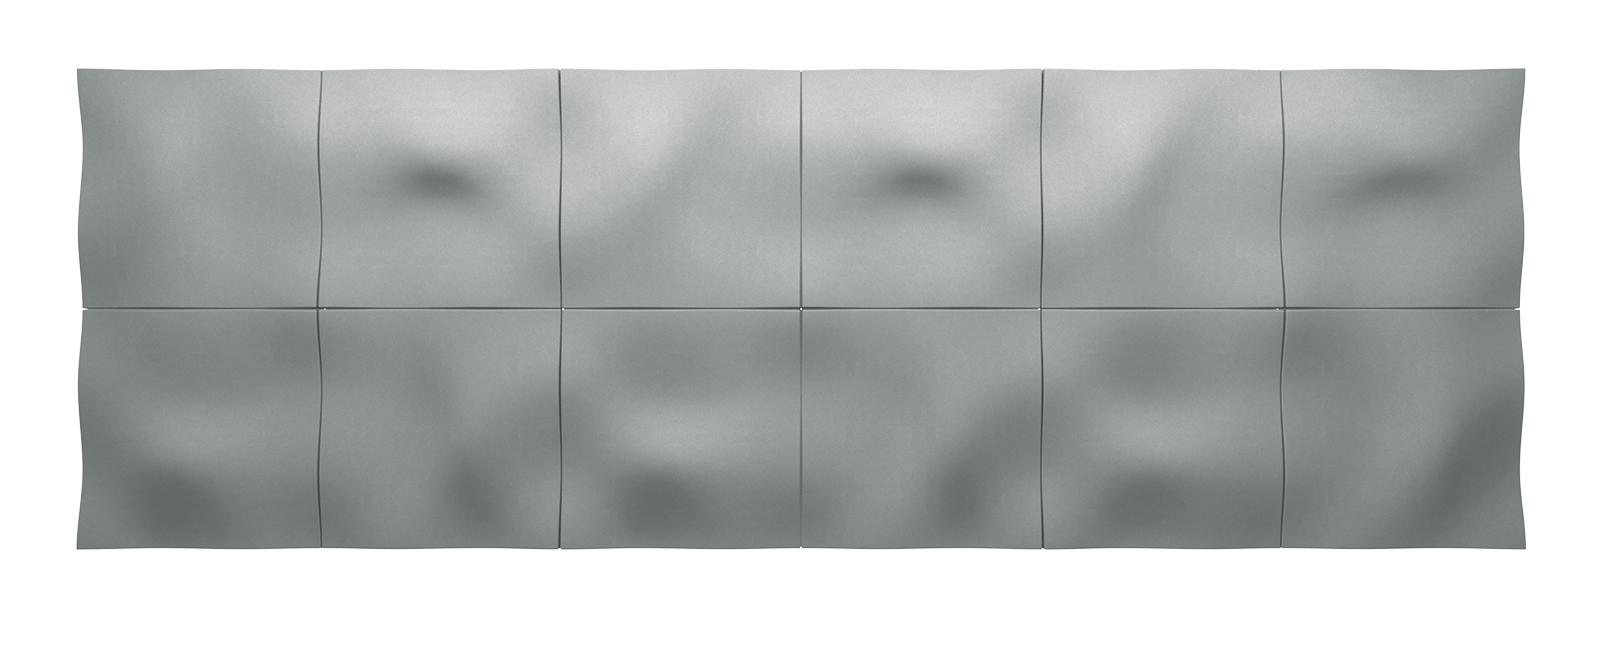 Autex Quietspace 3D Tiles S-5.26 | Silver